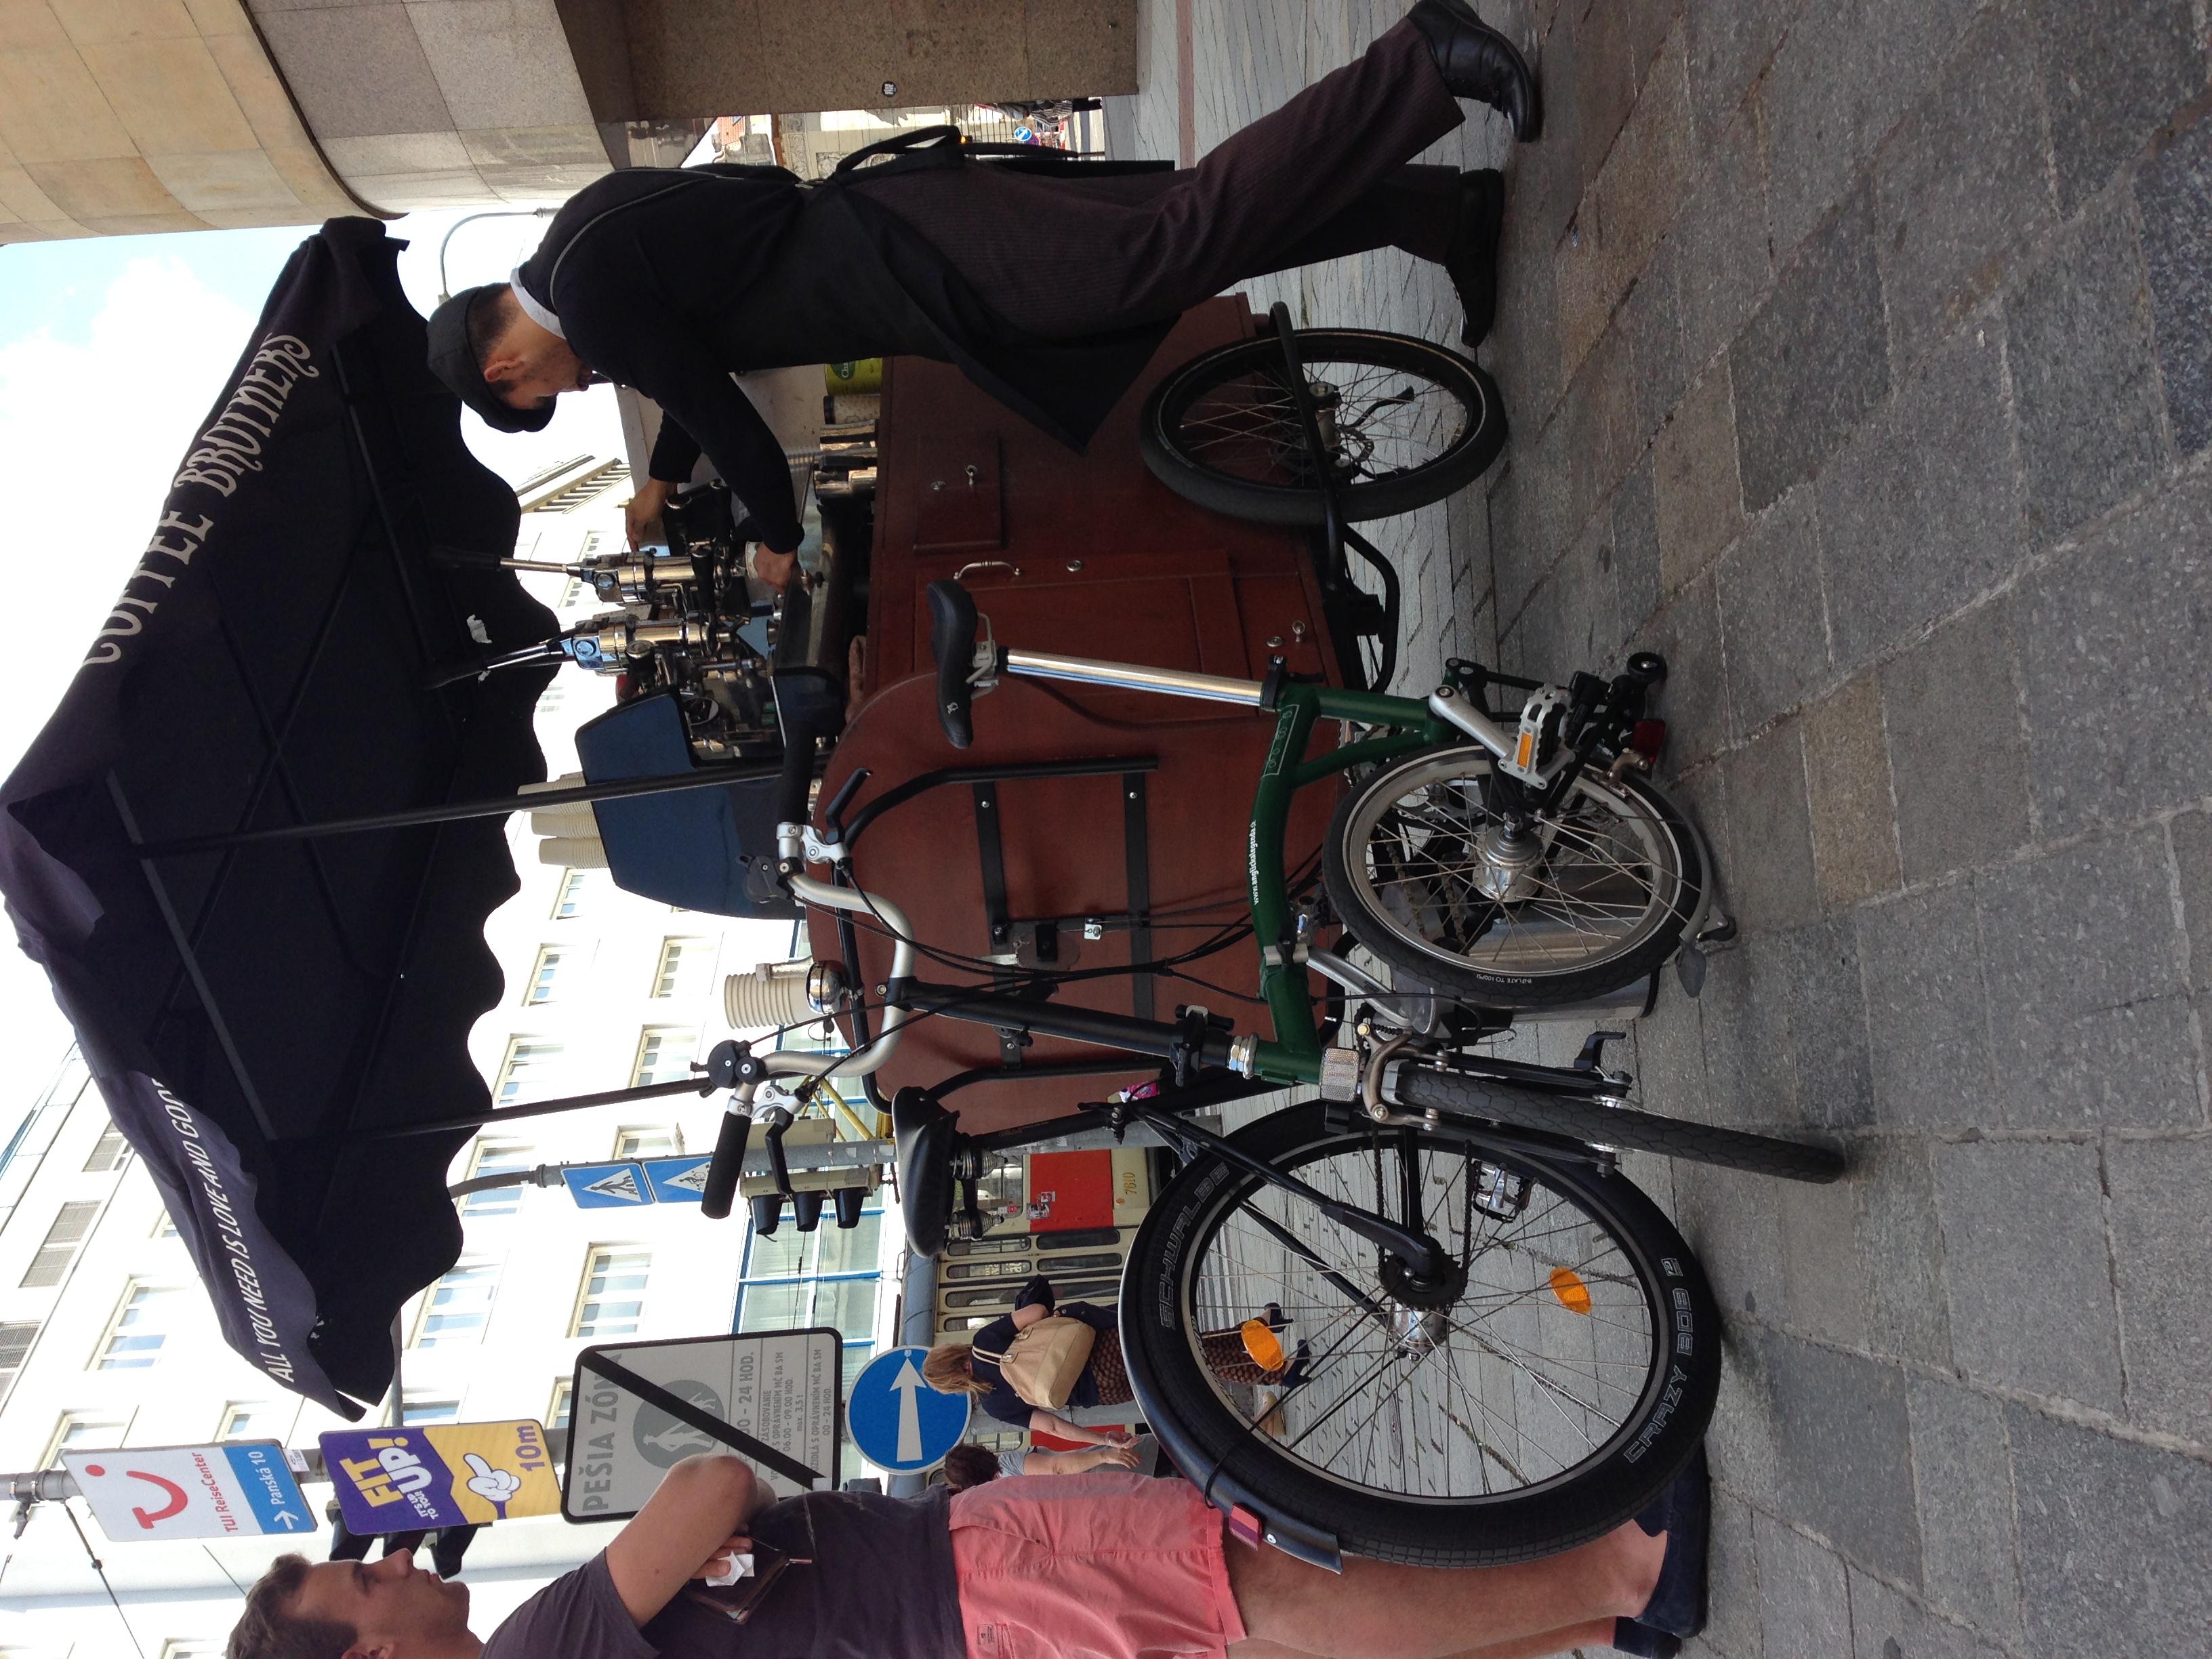 """Bike k biku a už sú kamoši! Takto vyzerá Brompton pri """"stacionárnom"""" móde - zložený jedným ťahom len tak, aby stál."""